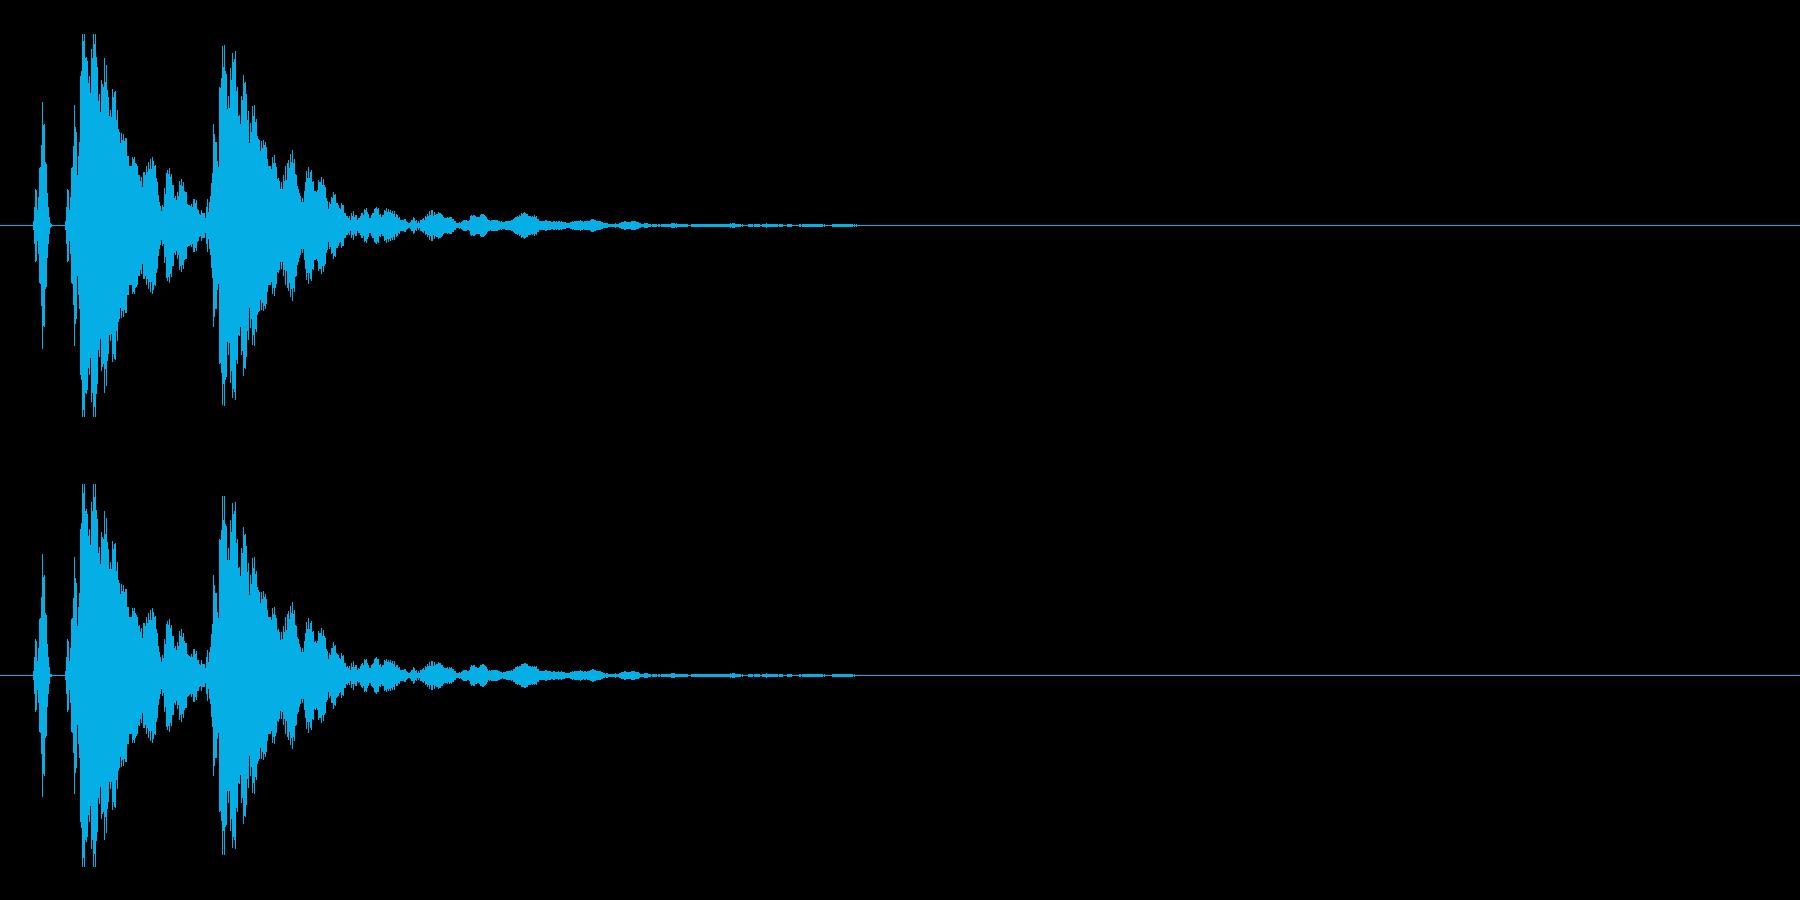 【ポポン!】とてもリアルな太鼓の鼓!09の再生済みの波形